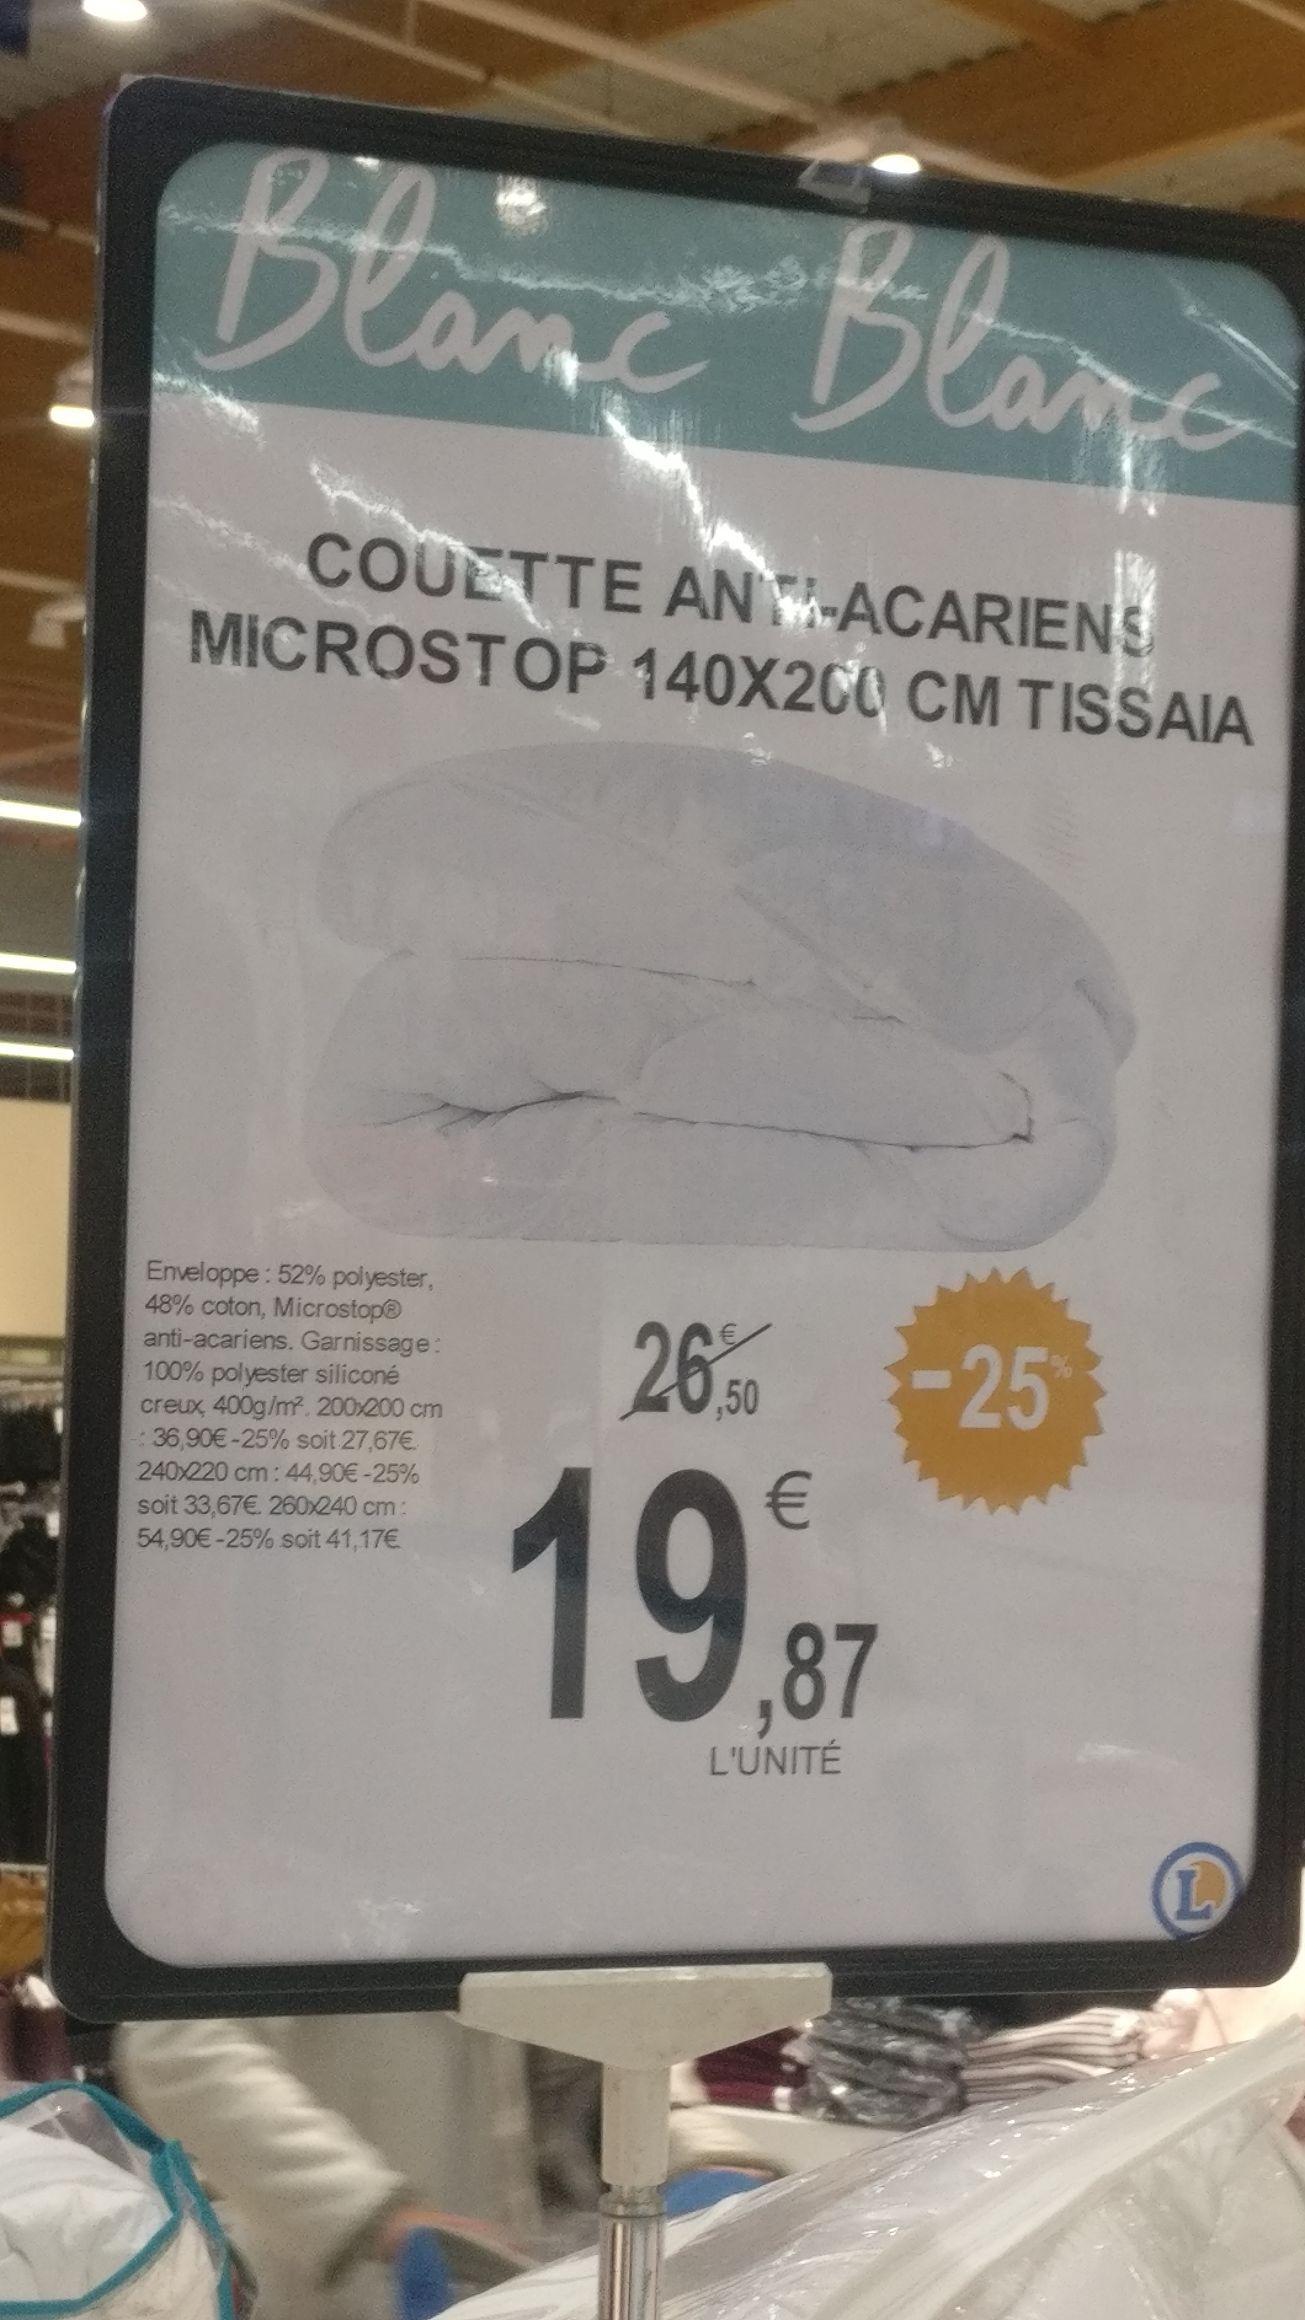 Sélection de Couettes Tissaia en promo - Ex : Couette anti-acariens 140x200 Tissaia -  Leclerc Blanc Mesnil (93)